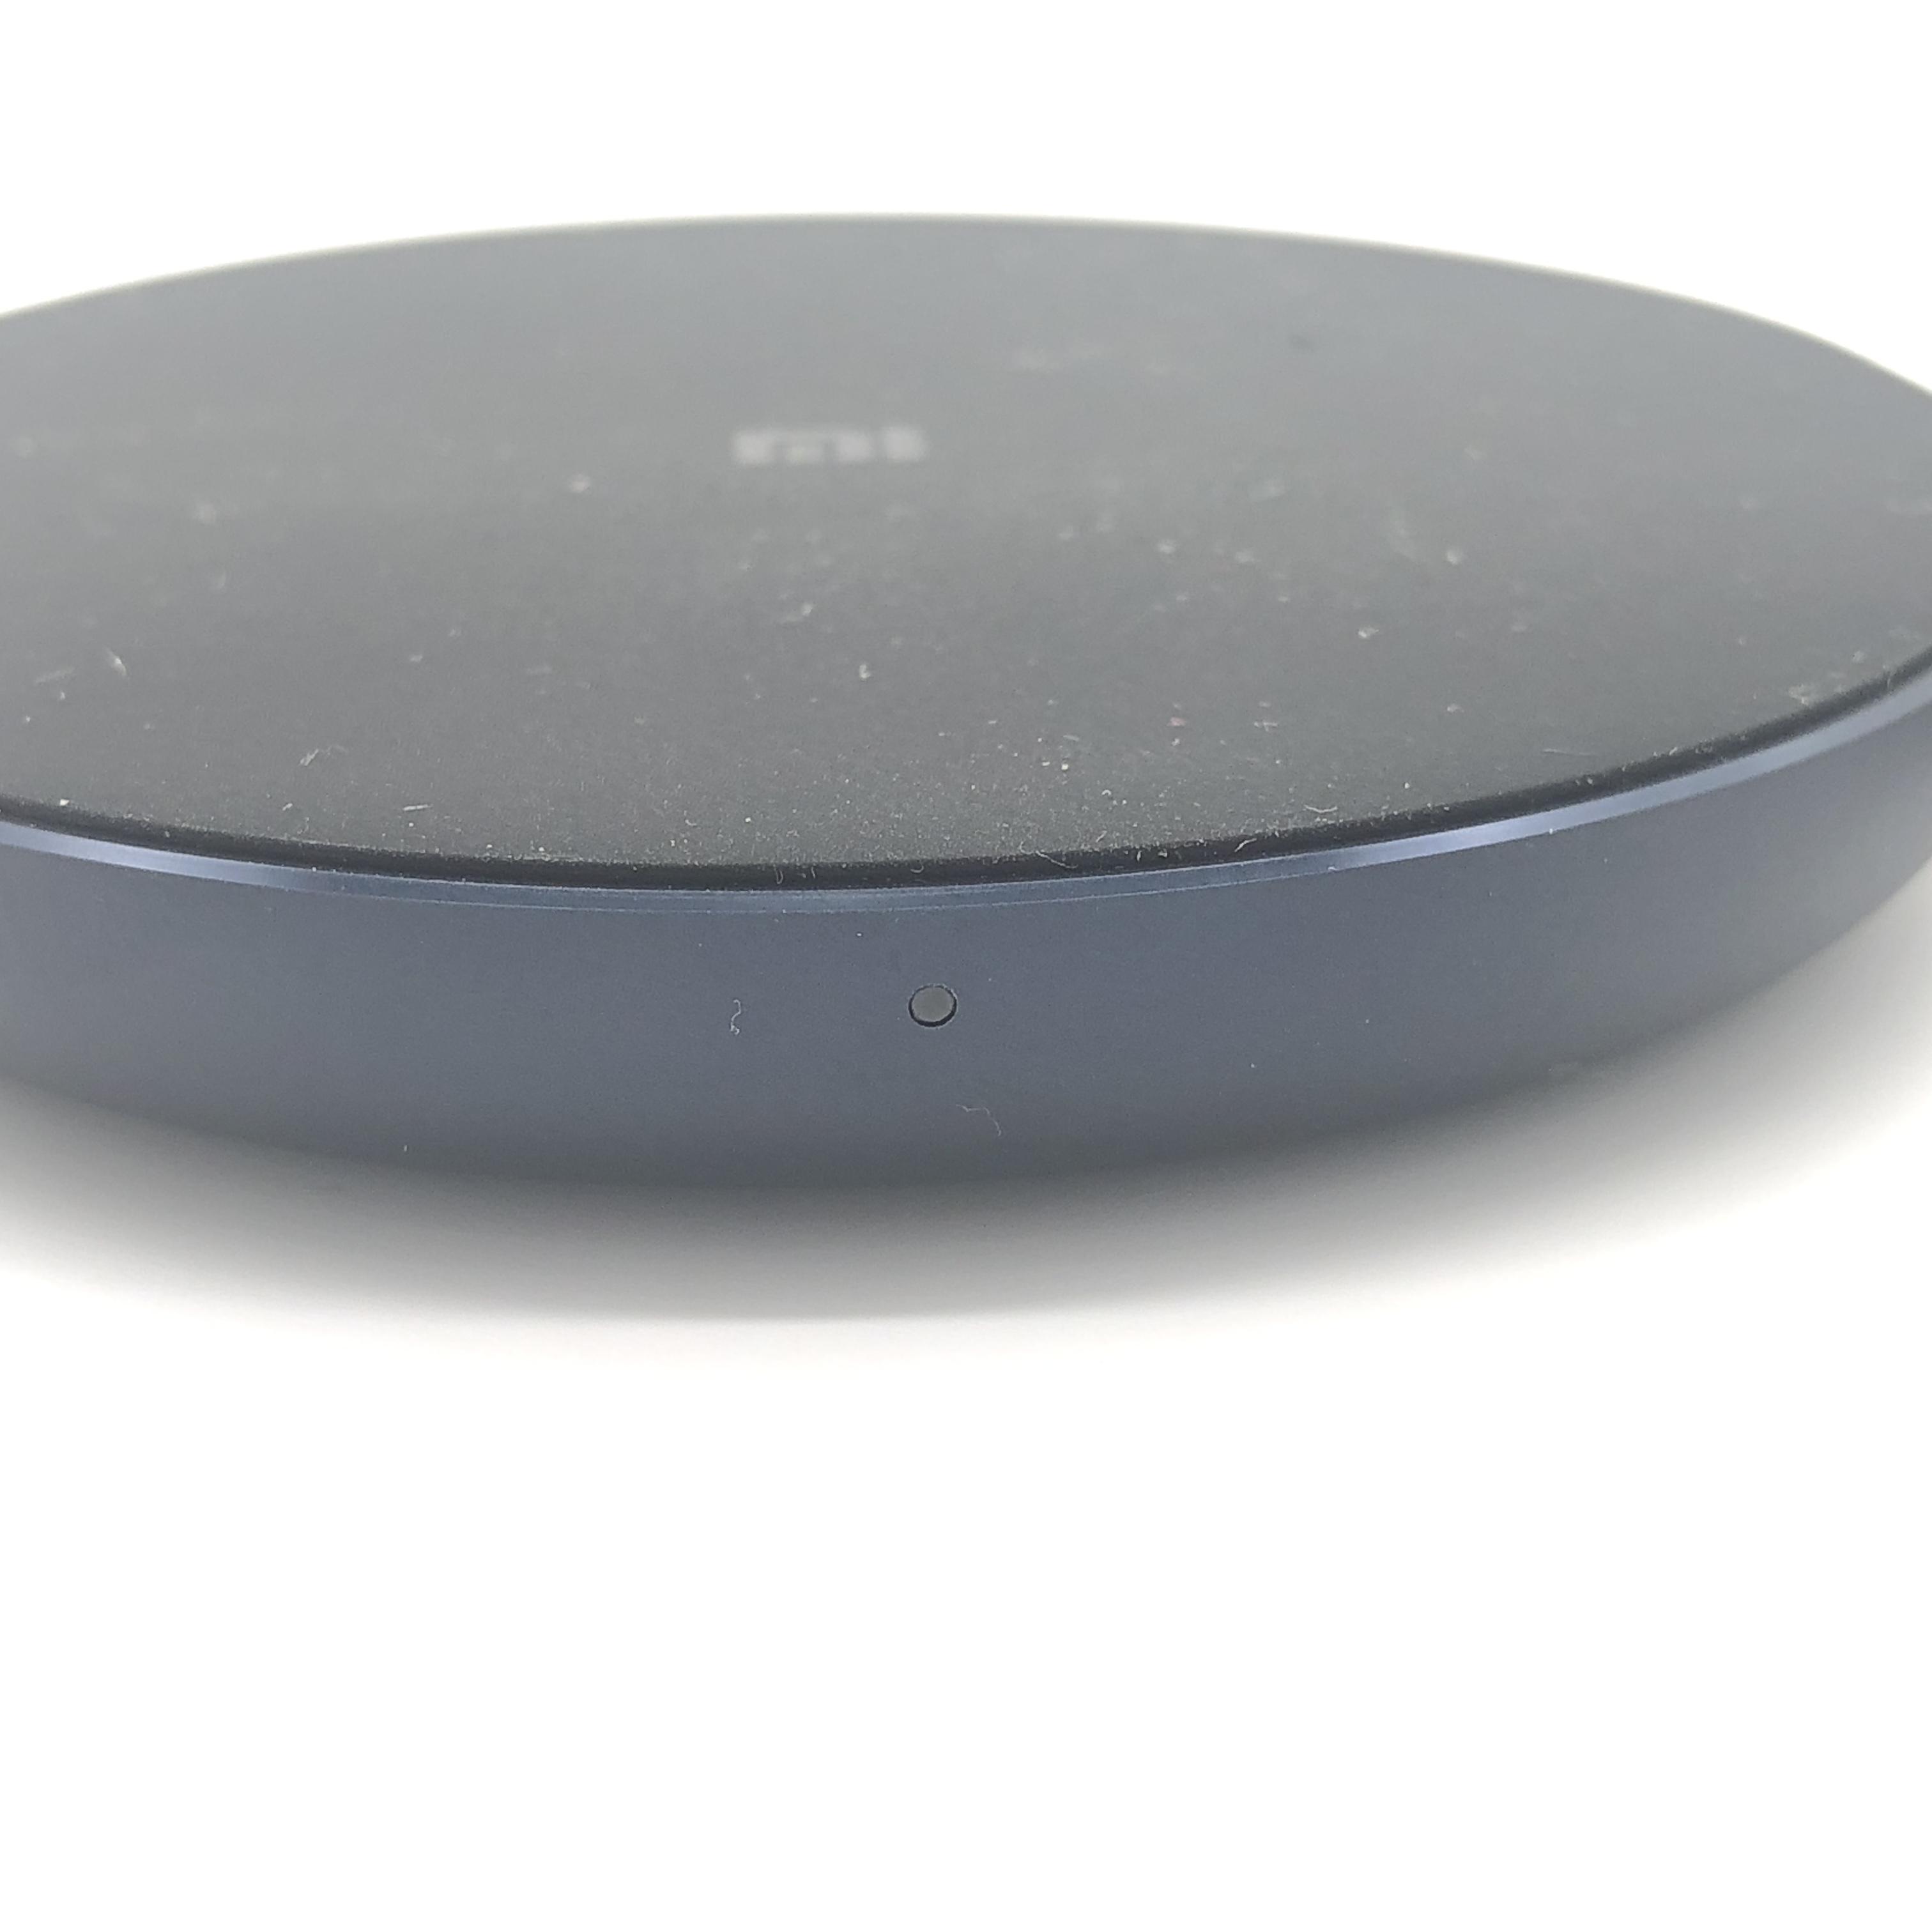 Snabb induktiv Xiaomi 10W laddare